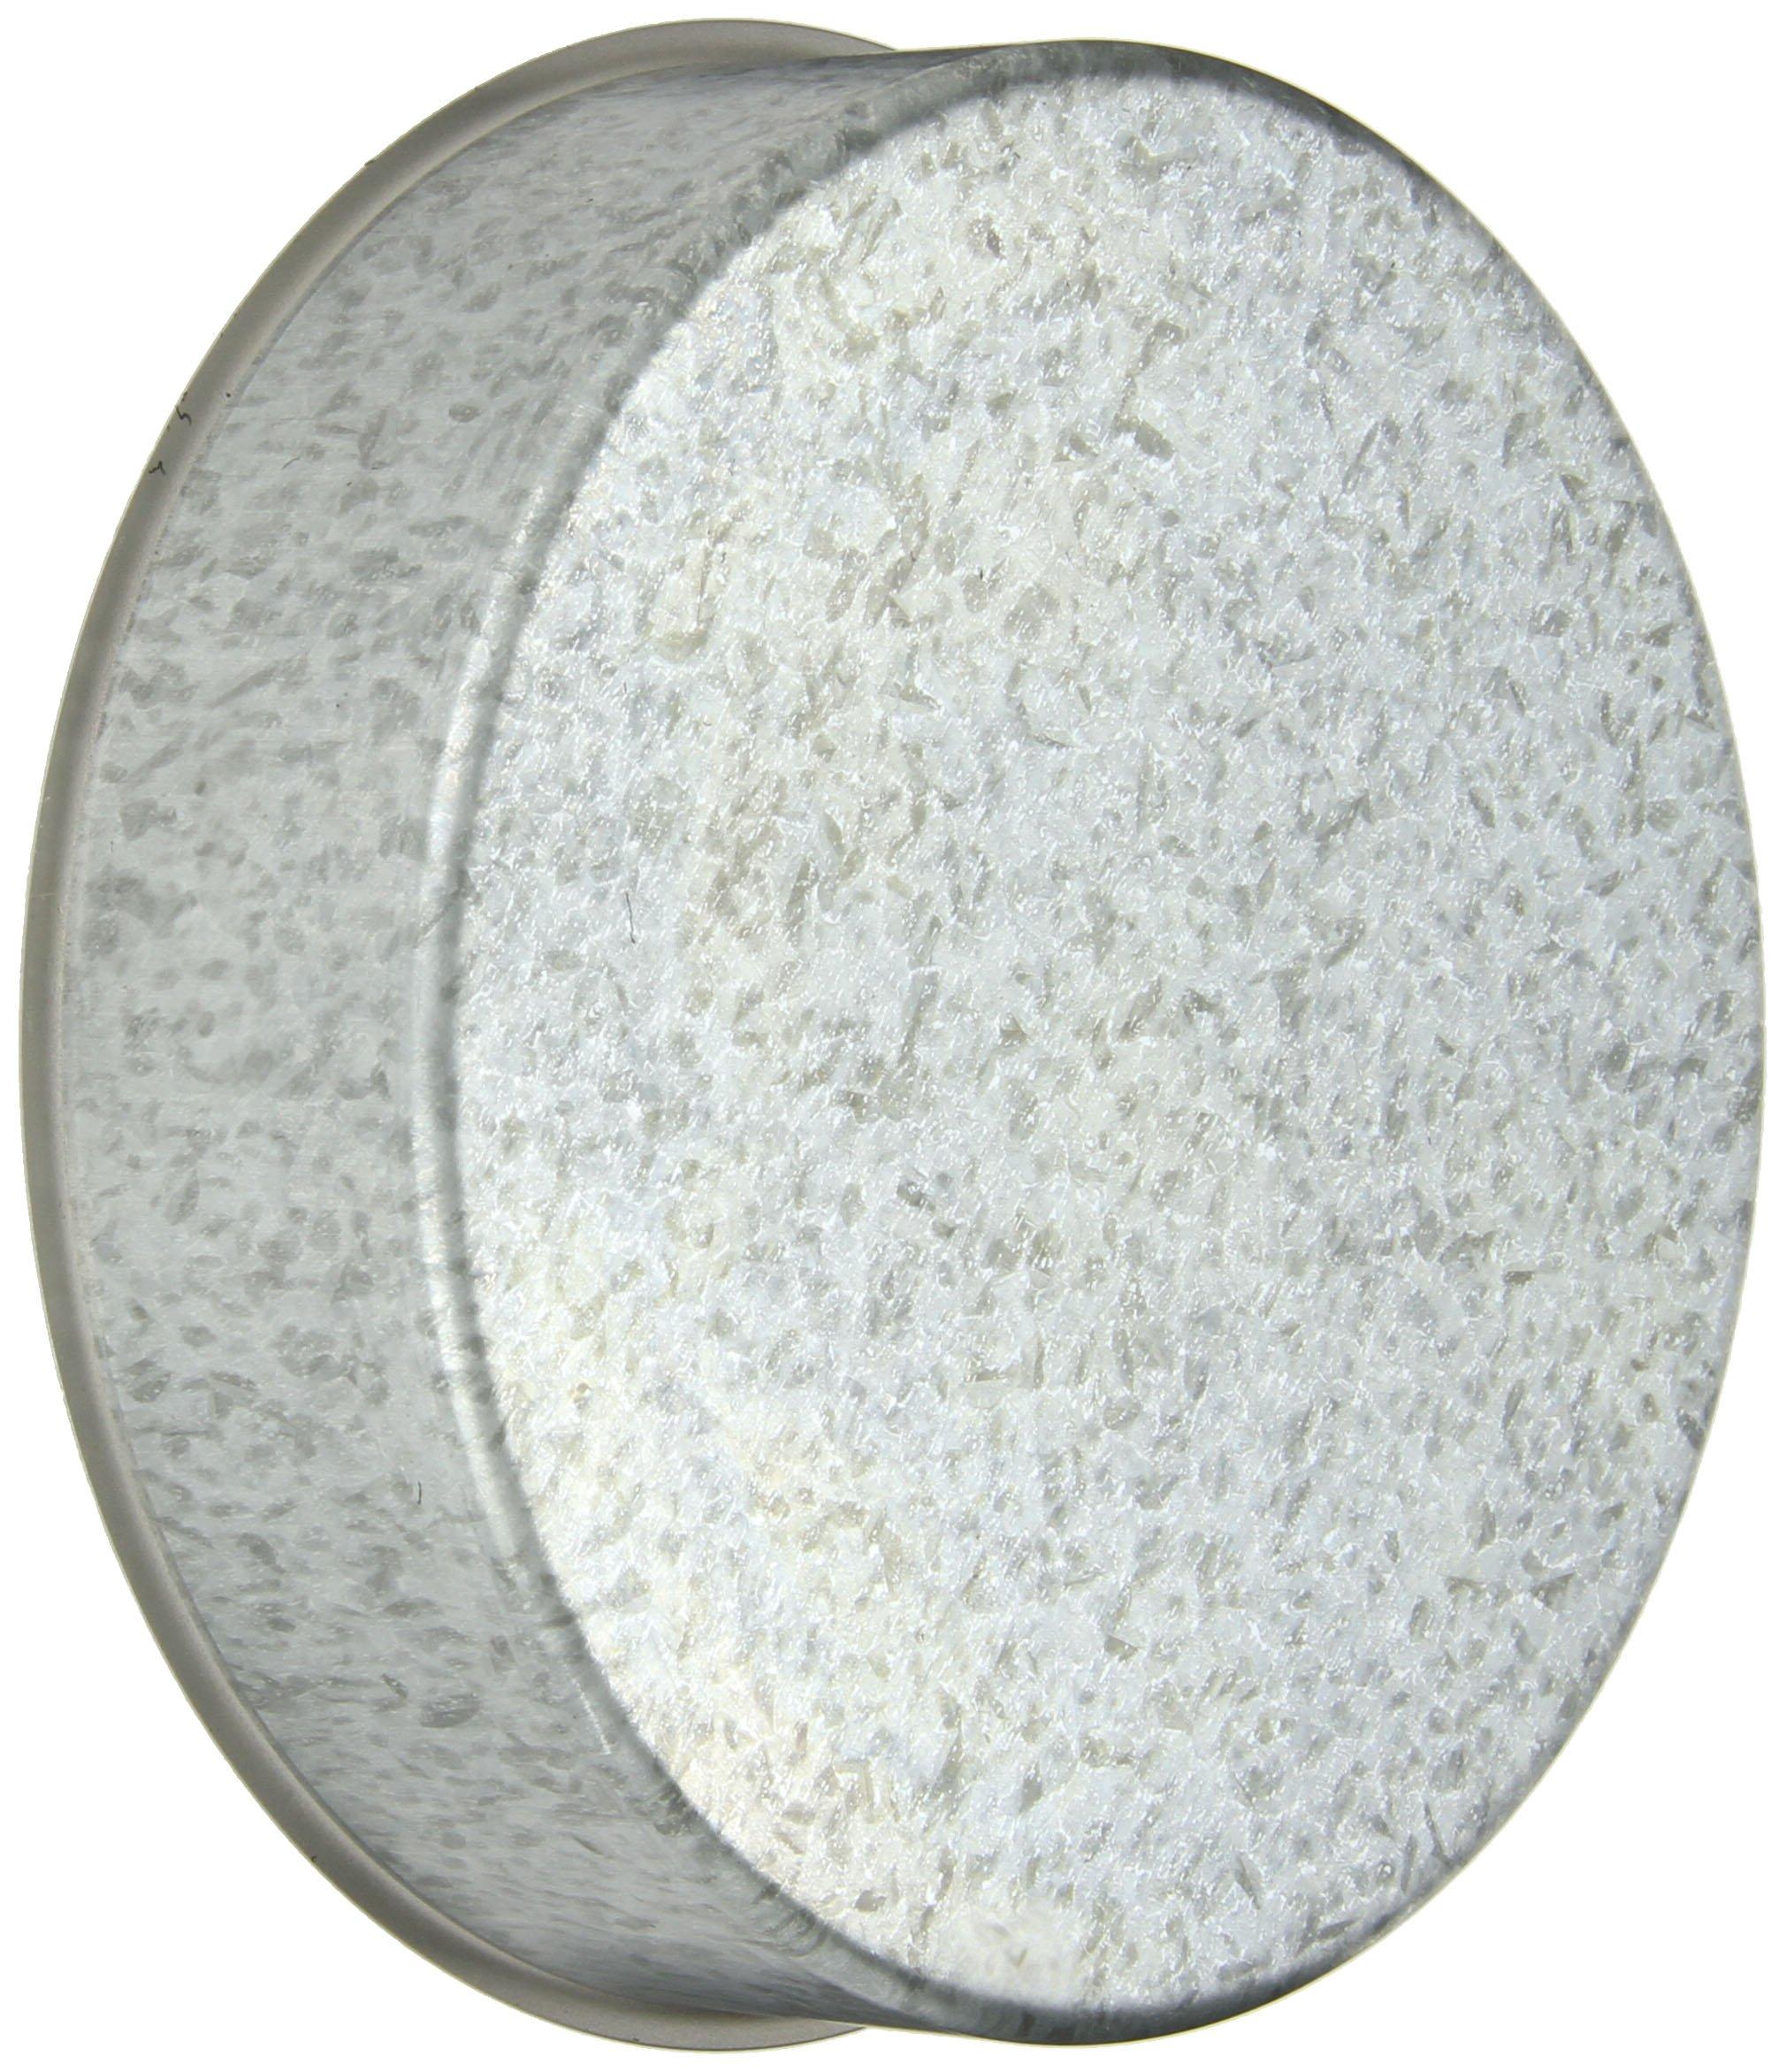 SKF 99595 Speedi Sleeve, SSLEEVE Style, Inch, 5.905in Shaft Diameter, 1.024in Width